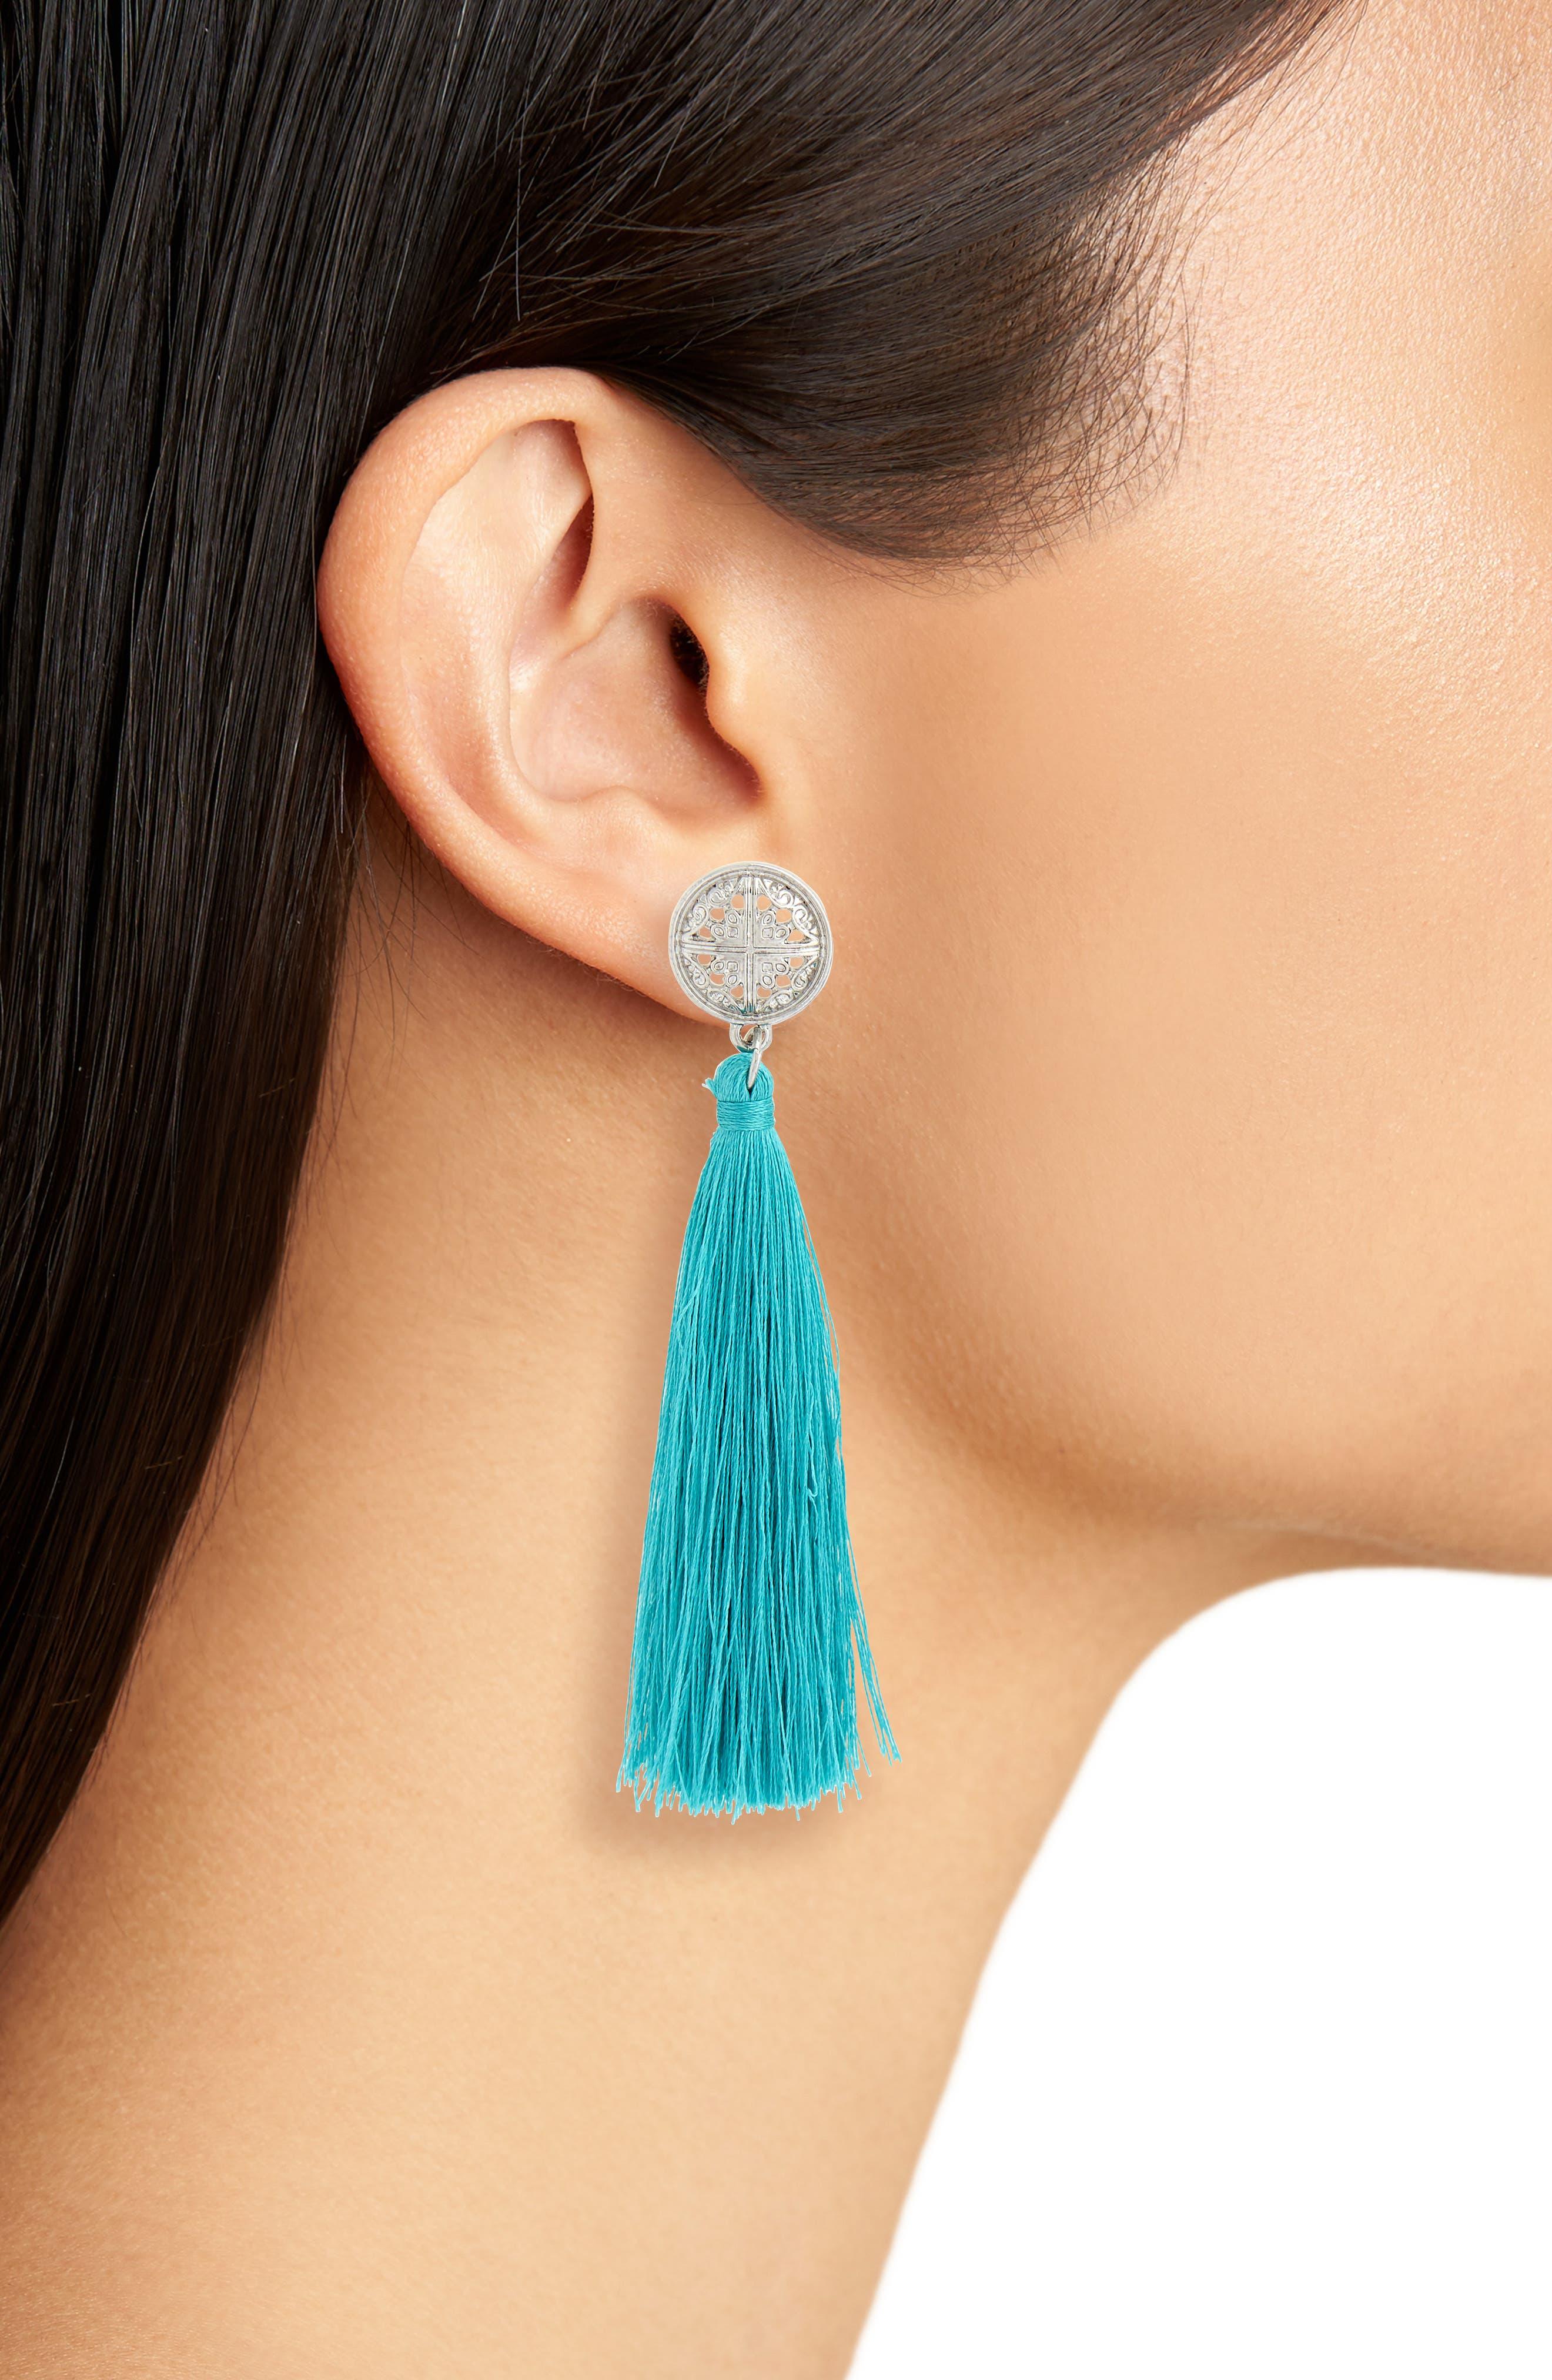 Tassel Coin Earrings,                             Alternate thumbnail 2, color,                             440